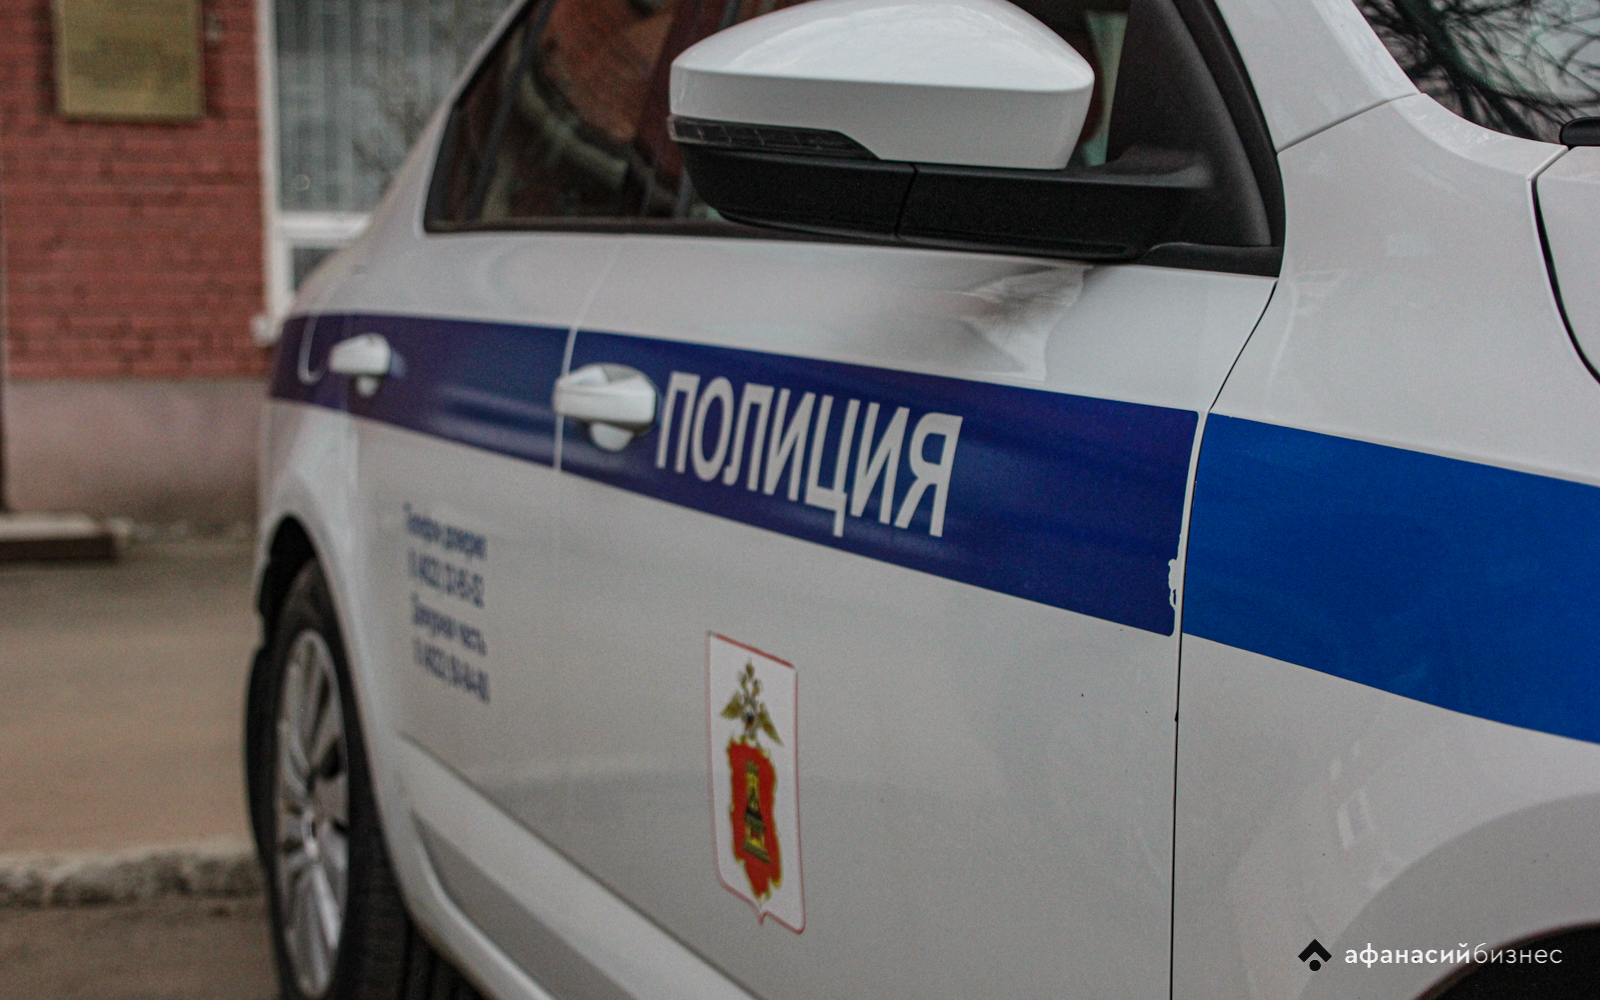 Ставки на спорт оставили жительницу Тверской области без денег - новости Афанасий